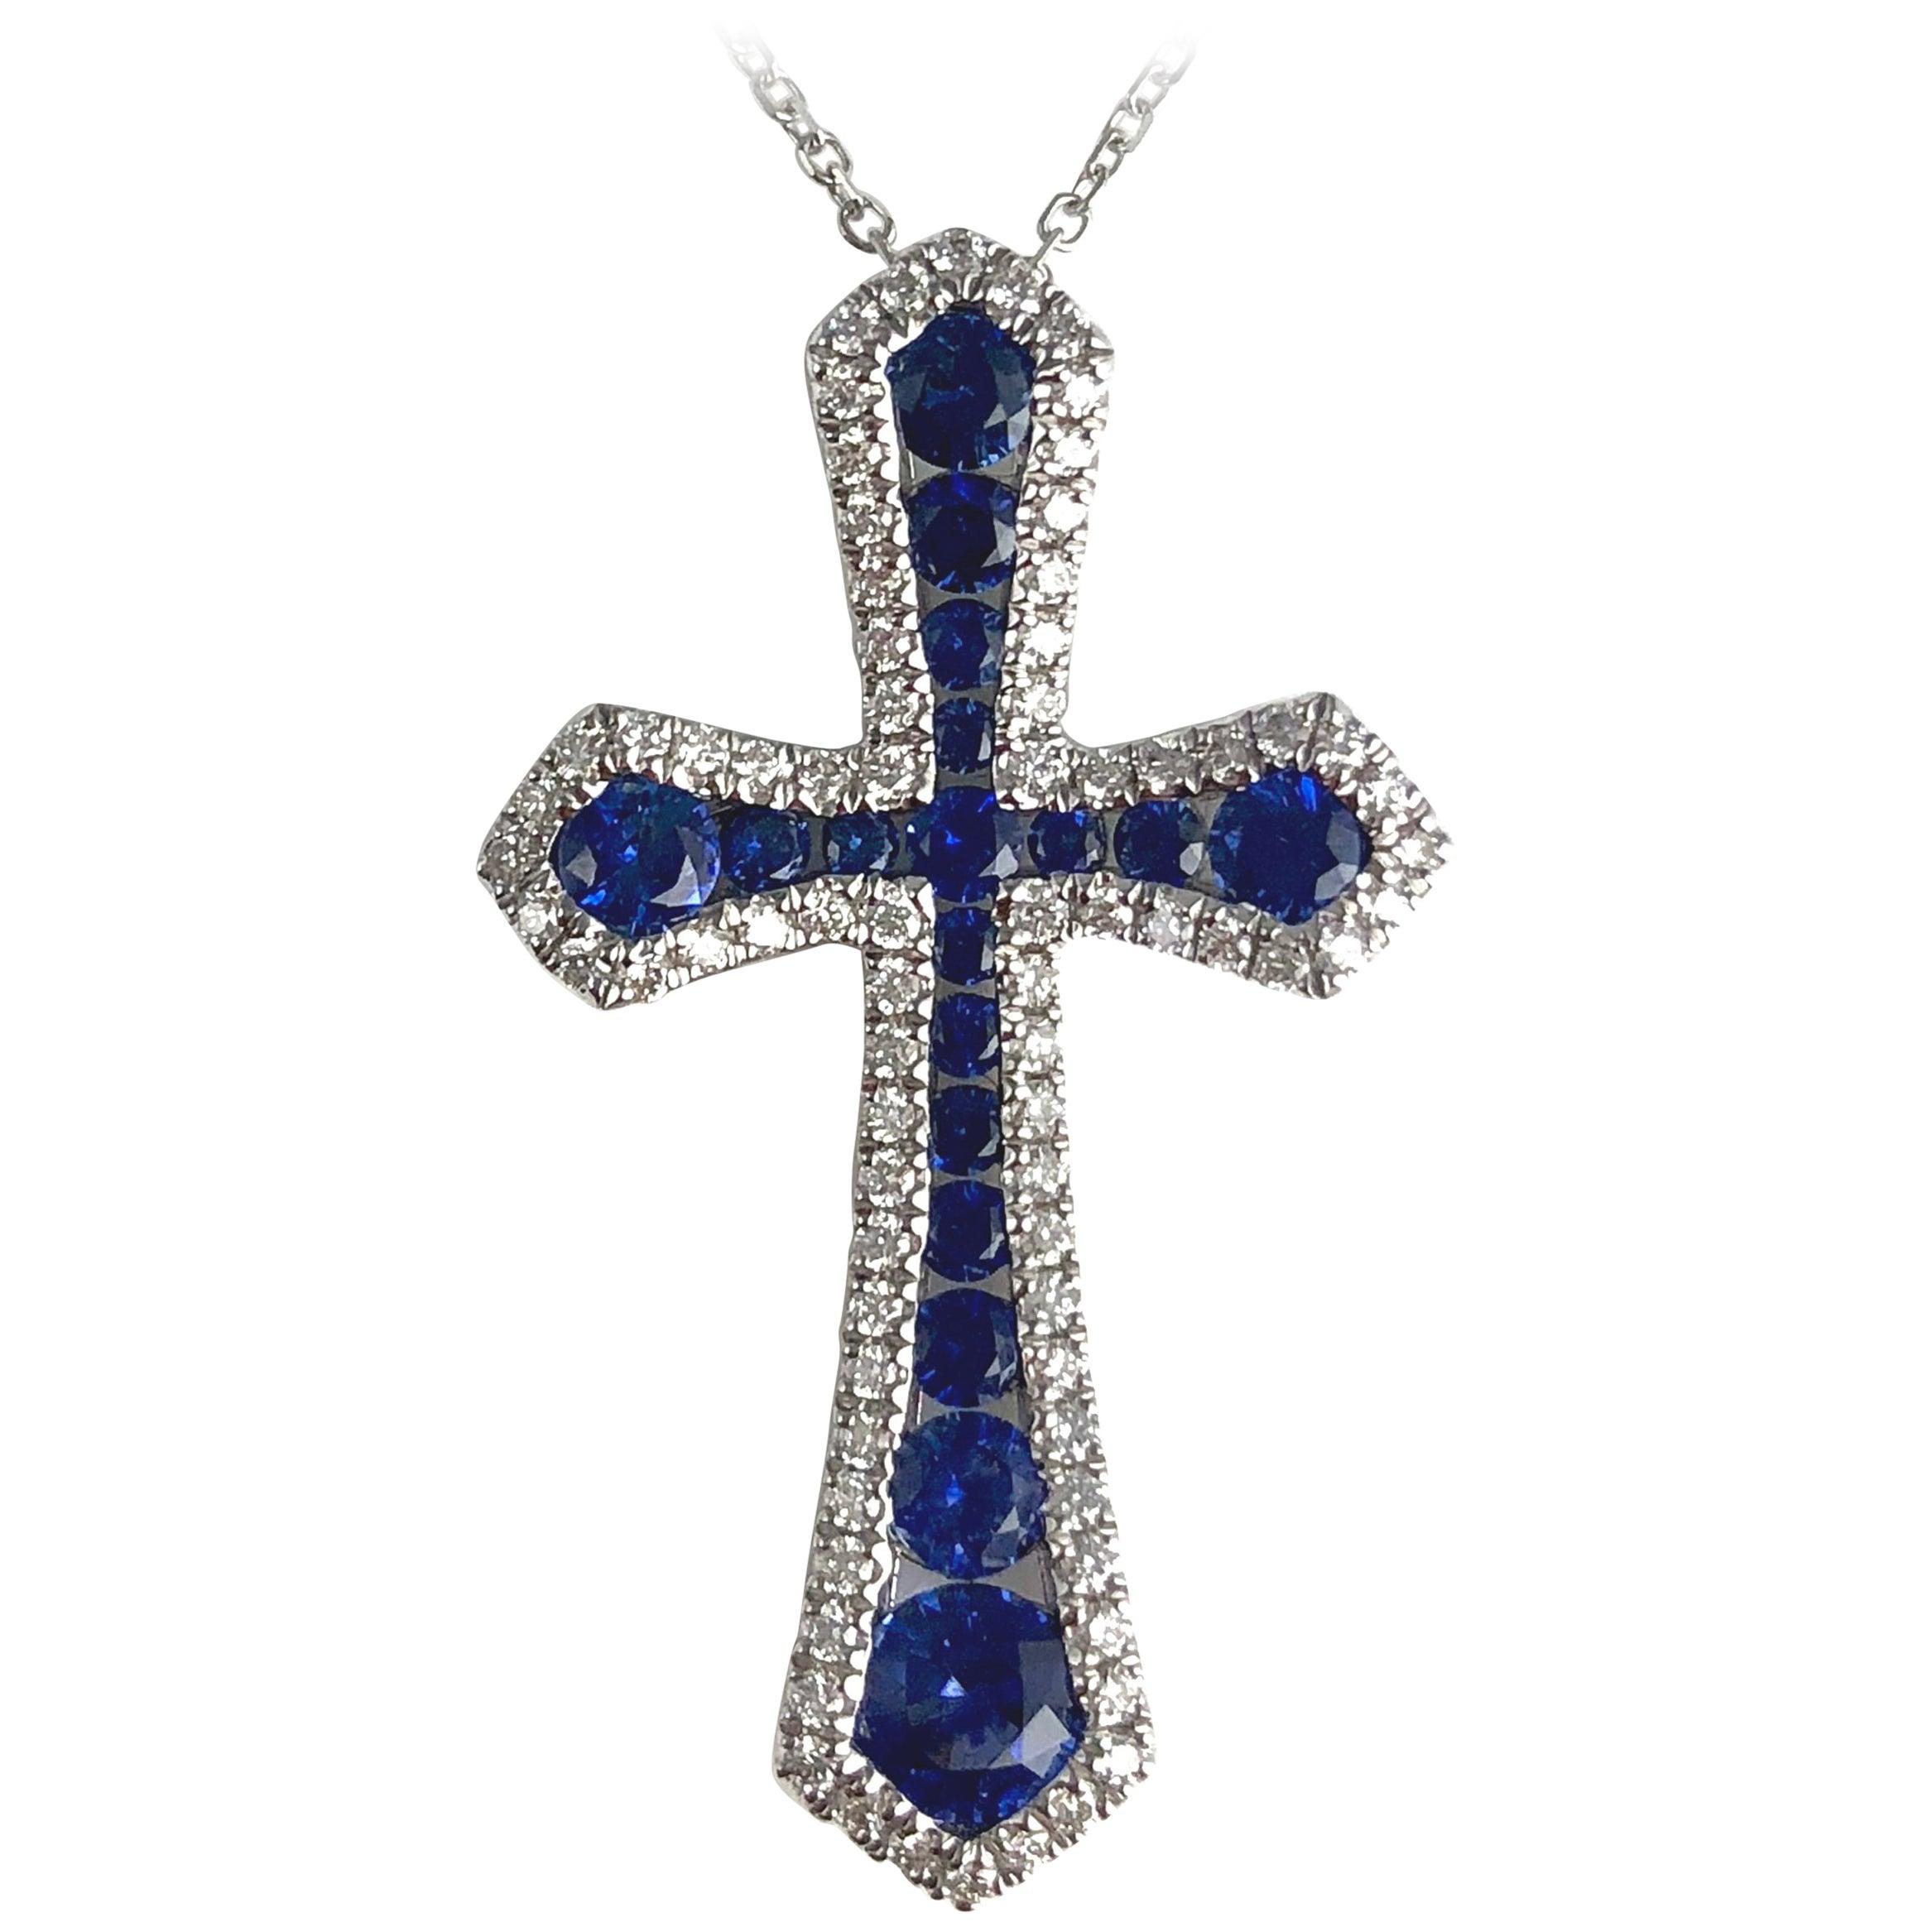 DiamondTown 0.94 Carat Vivid Blue Sapphire and Diamond Cross Pendant